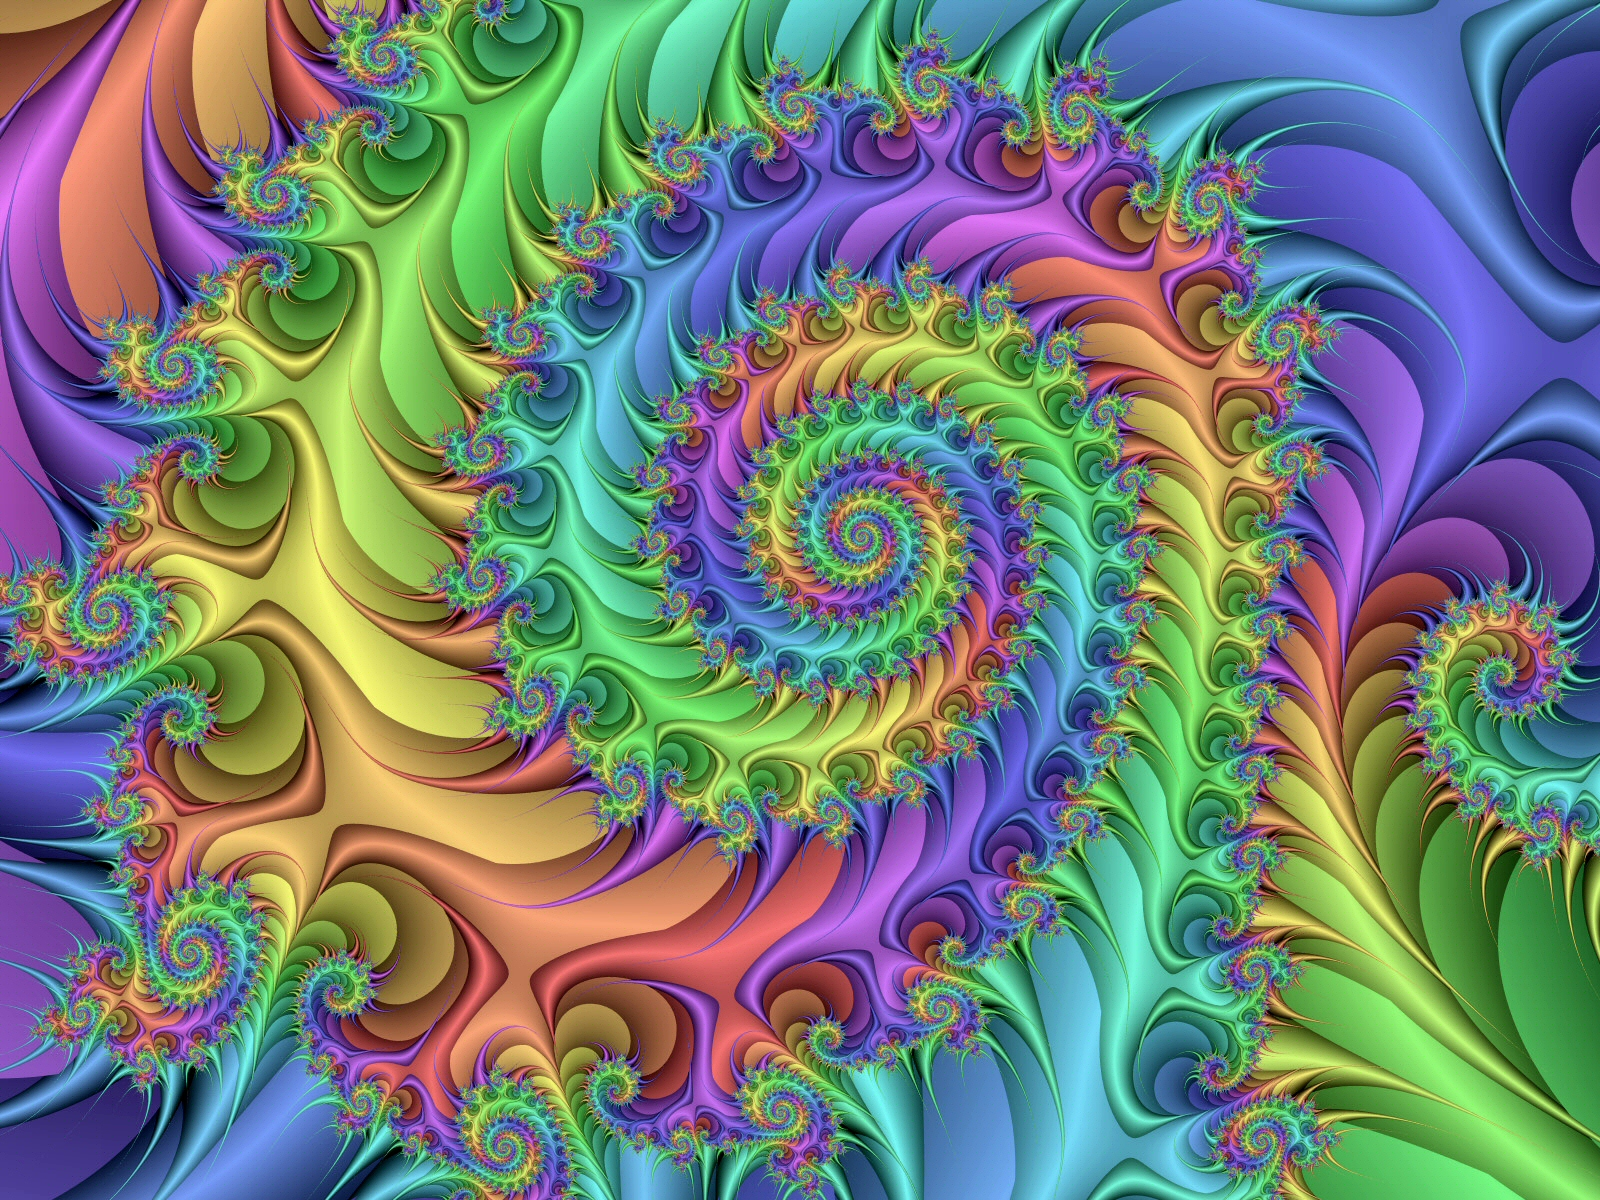 Trippy Hippie Spiral by Thelma1 on DeviantArt